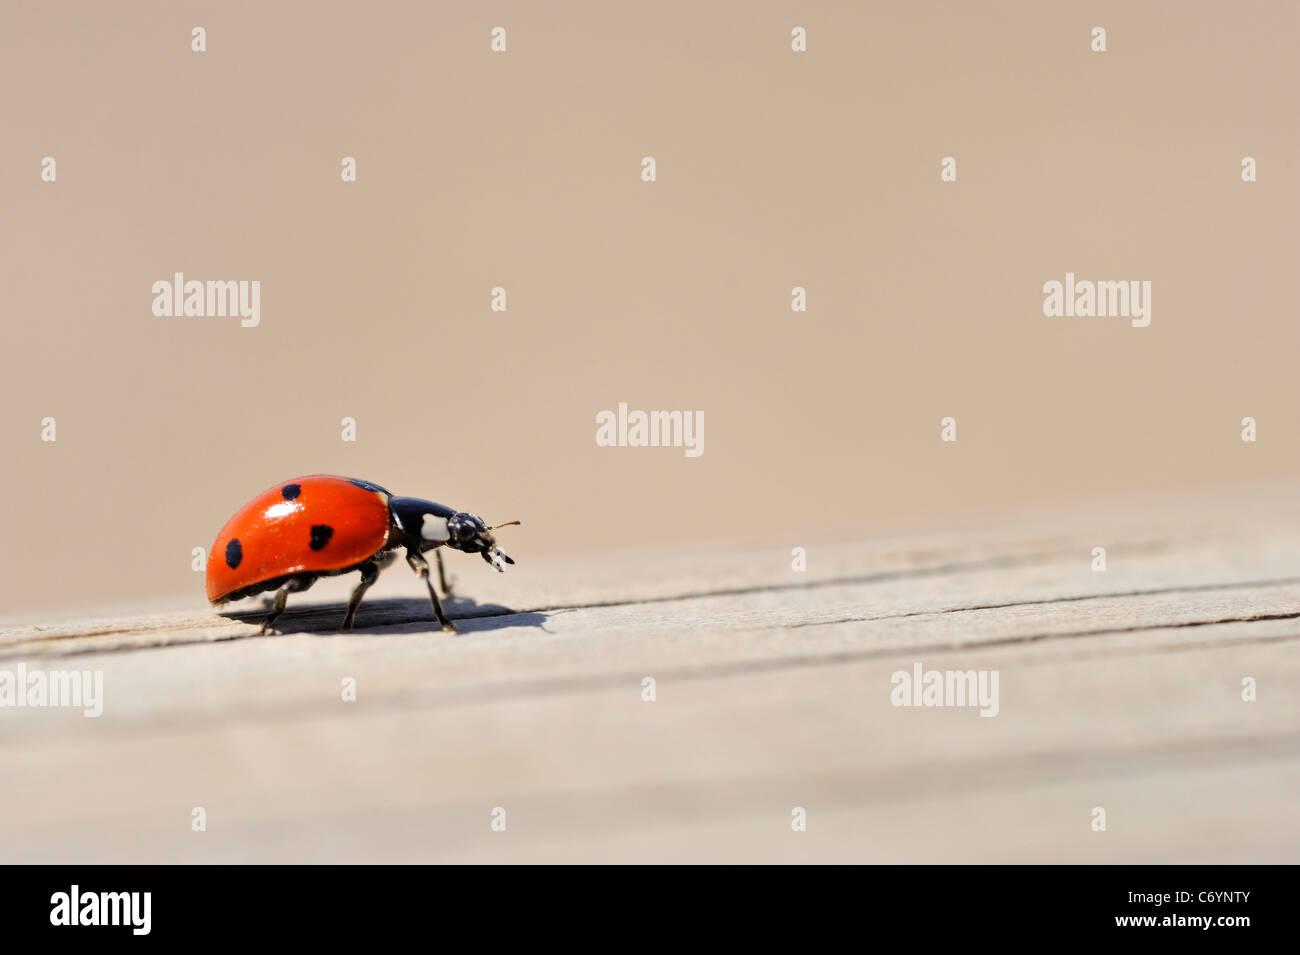 Ladybug / Ladybird on wooden fence close-up Stock Photo